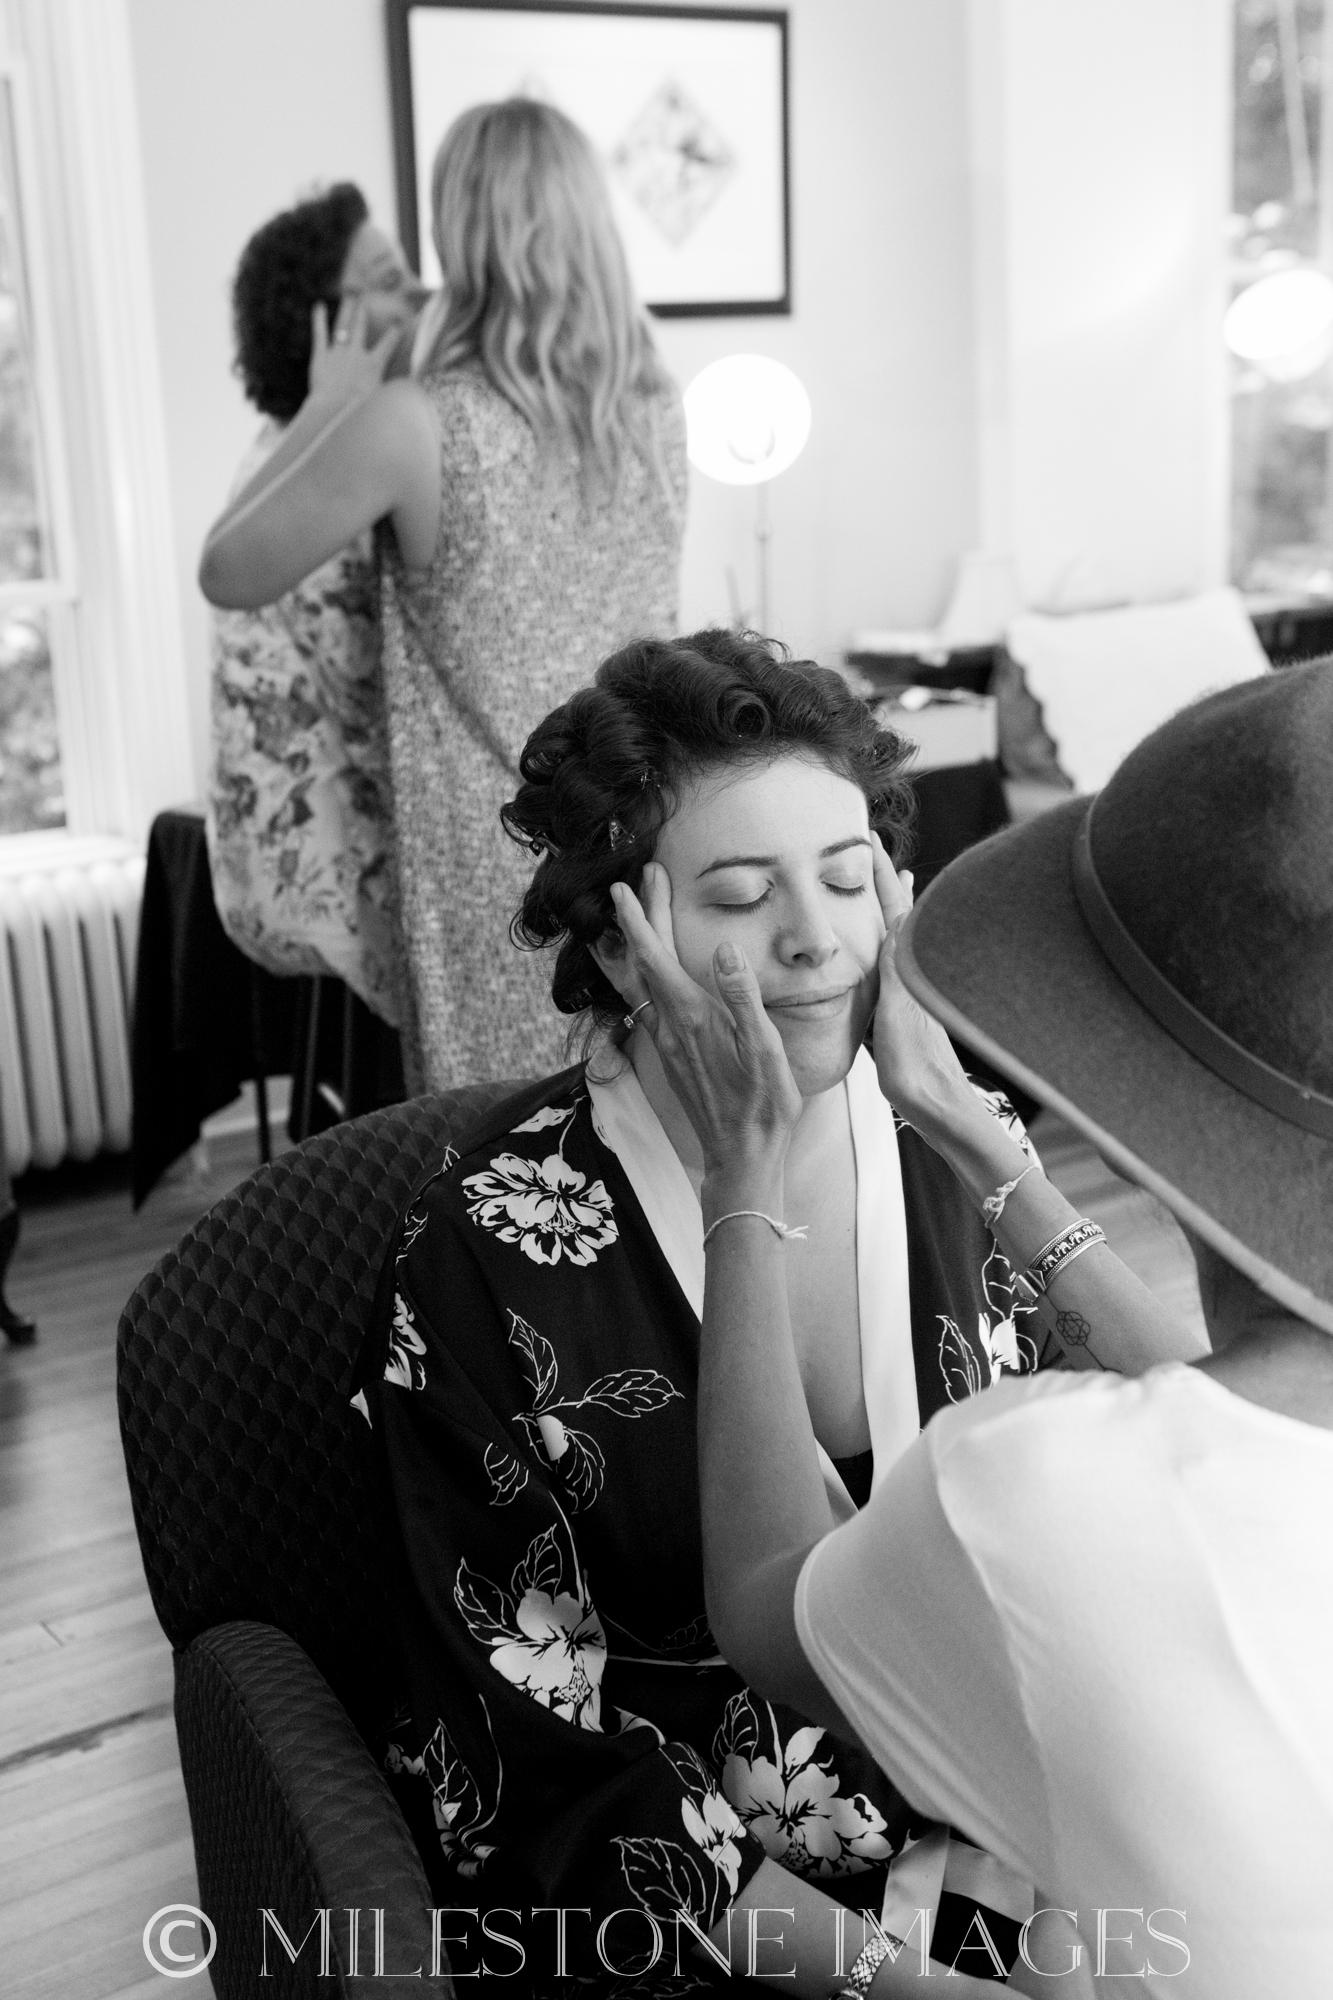 Milestone Makeup-Amanda Burran.jpg